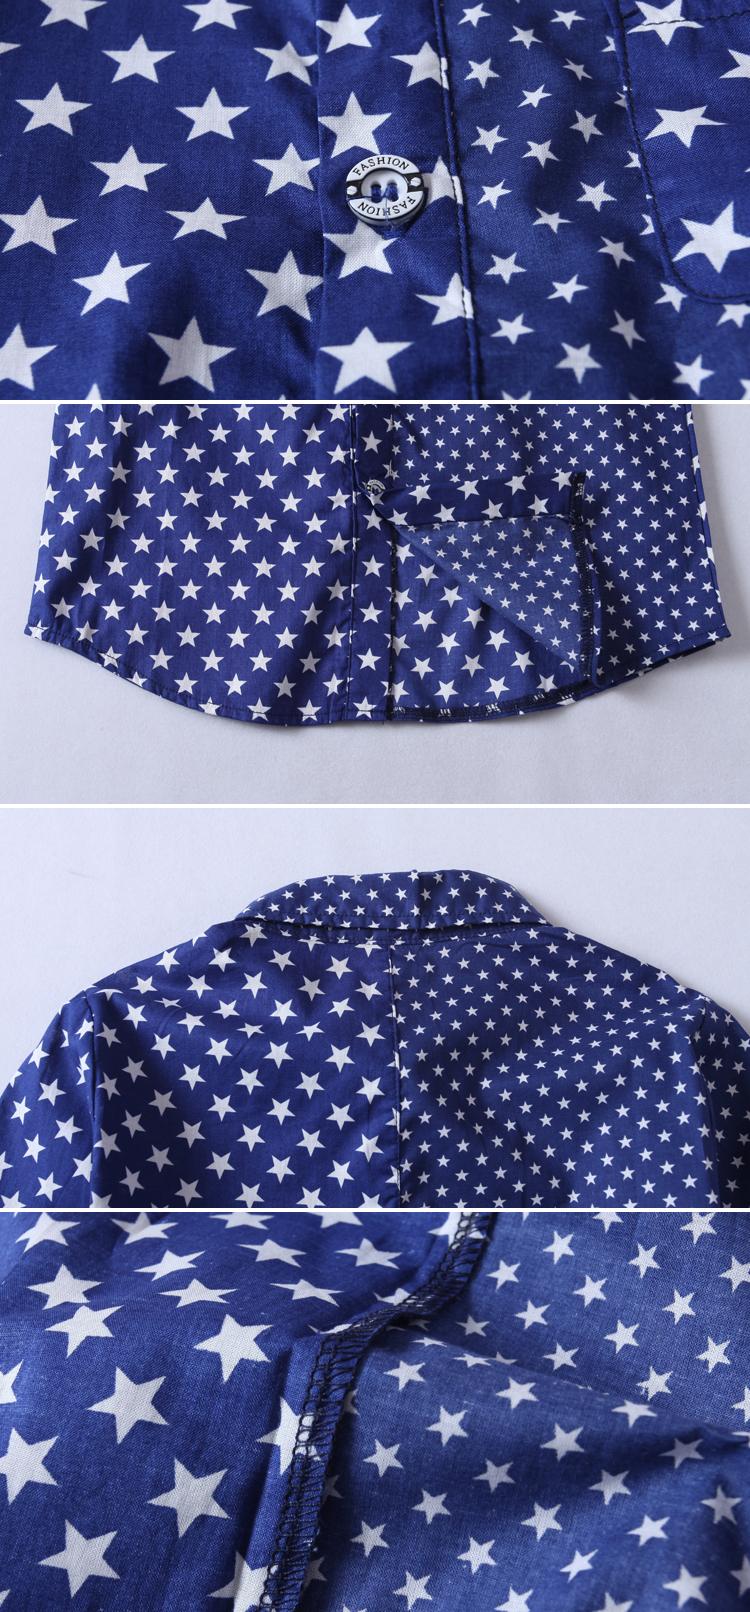 商品名称: 男童深蓝色衬衫 商品分类: 儿童衬衫 产地: 浙江 材质